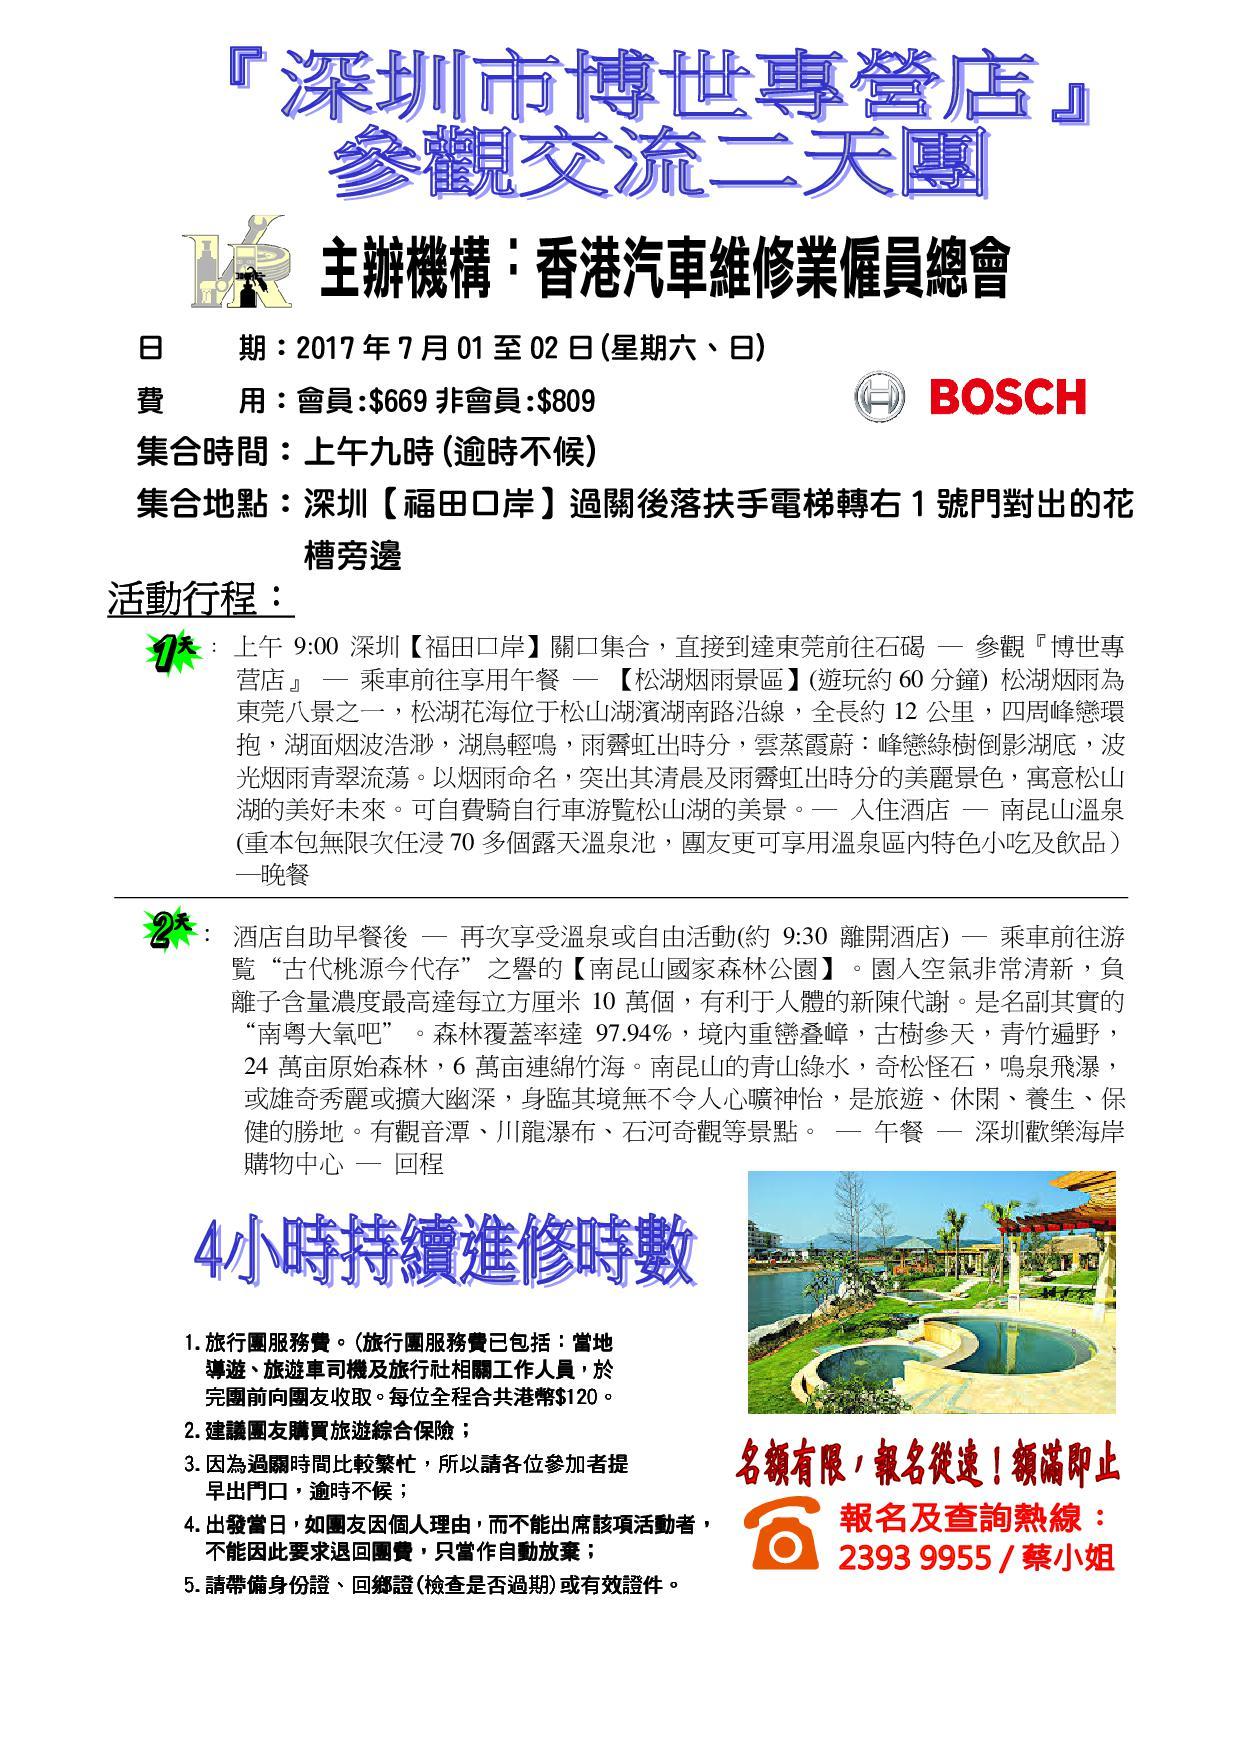 2017-07-01深圳市博世專營店參觀交流二天團